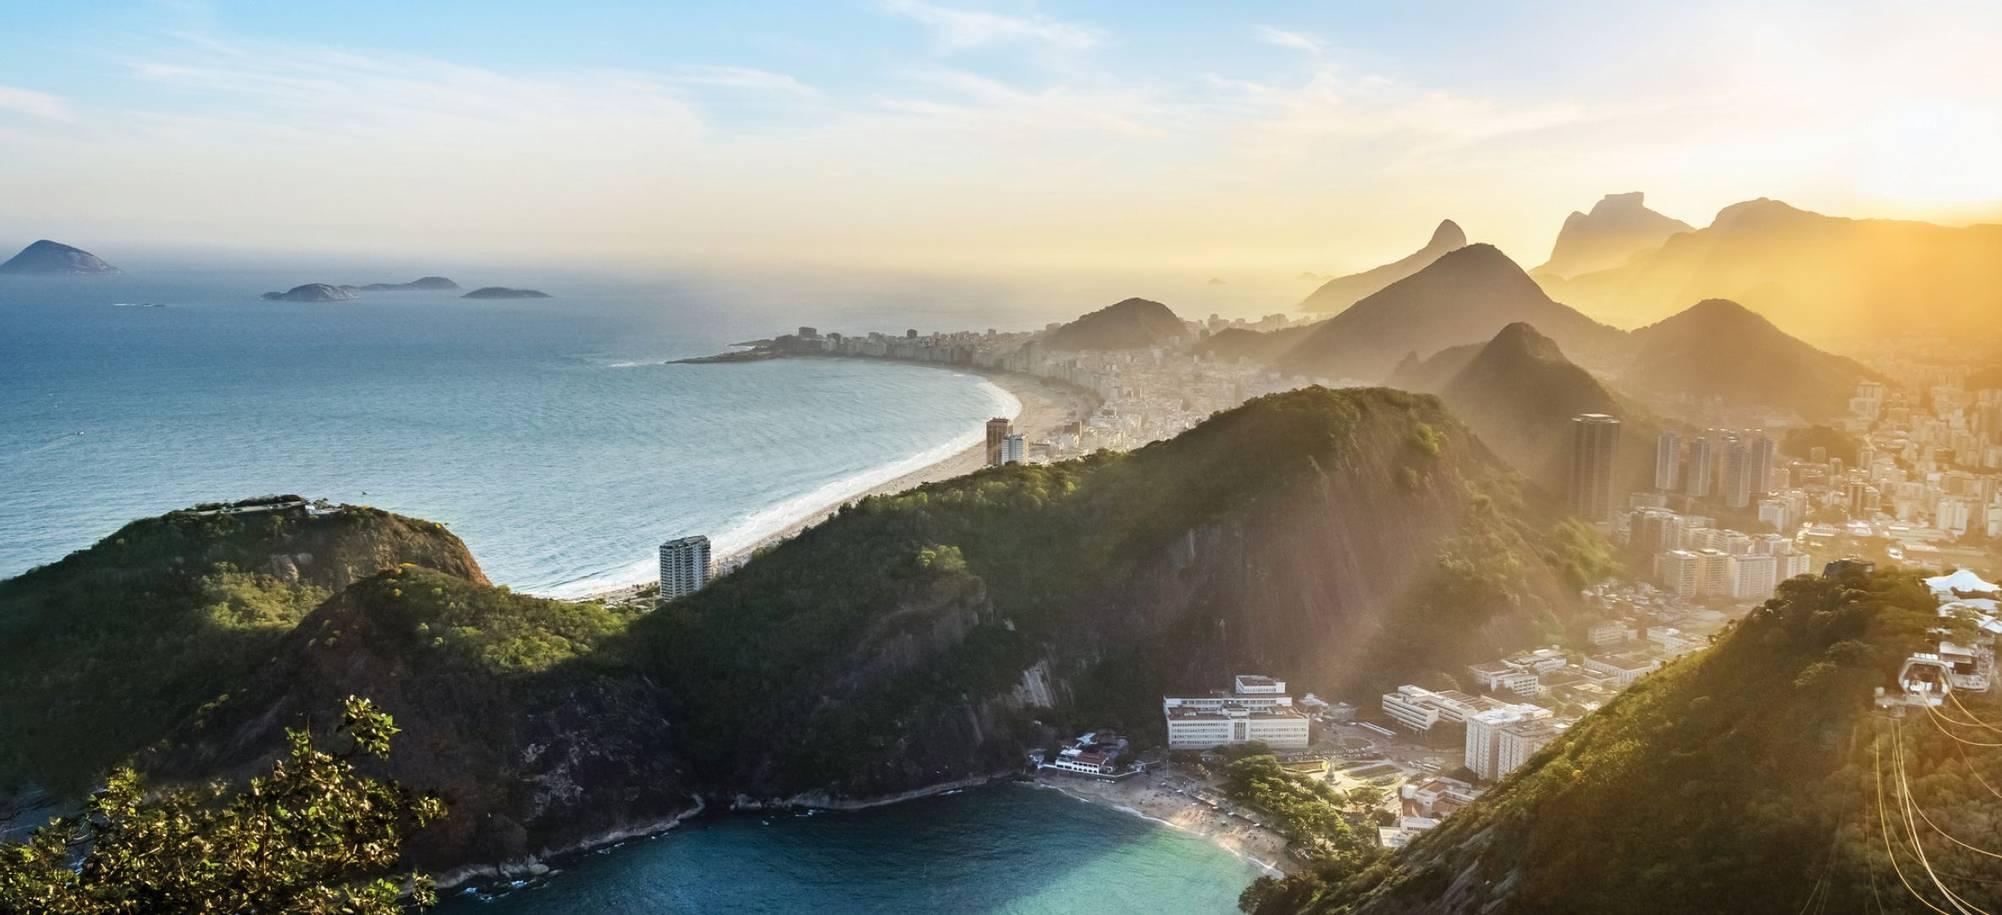 Quest_Lisbon_Rio_itinerary12.jpg